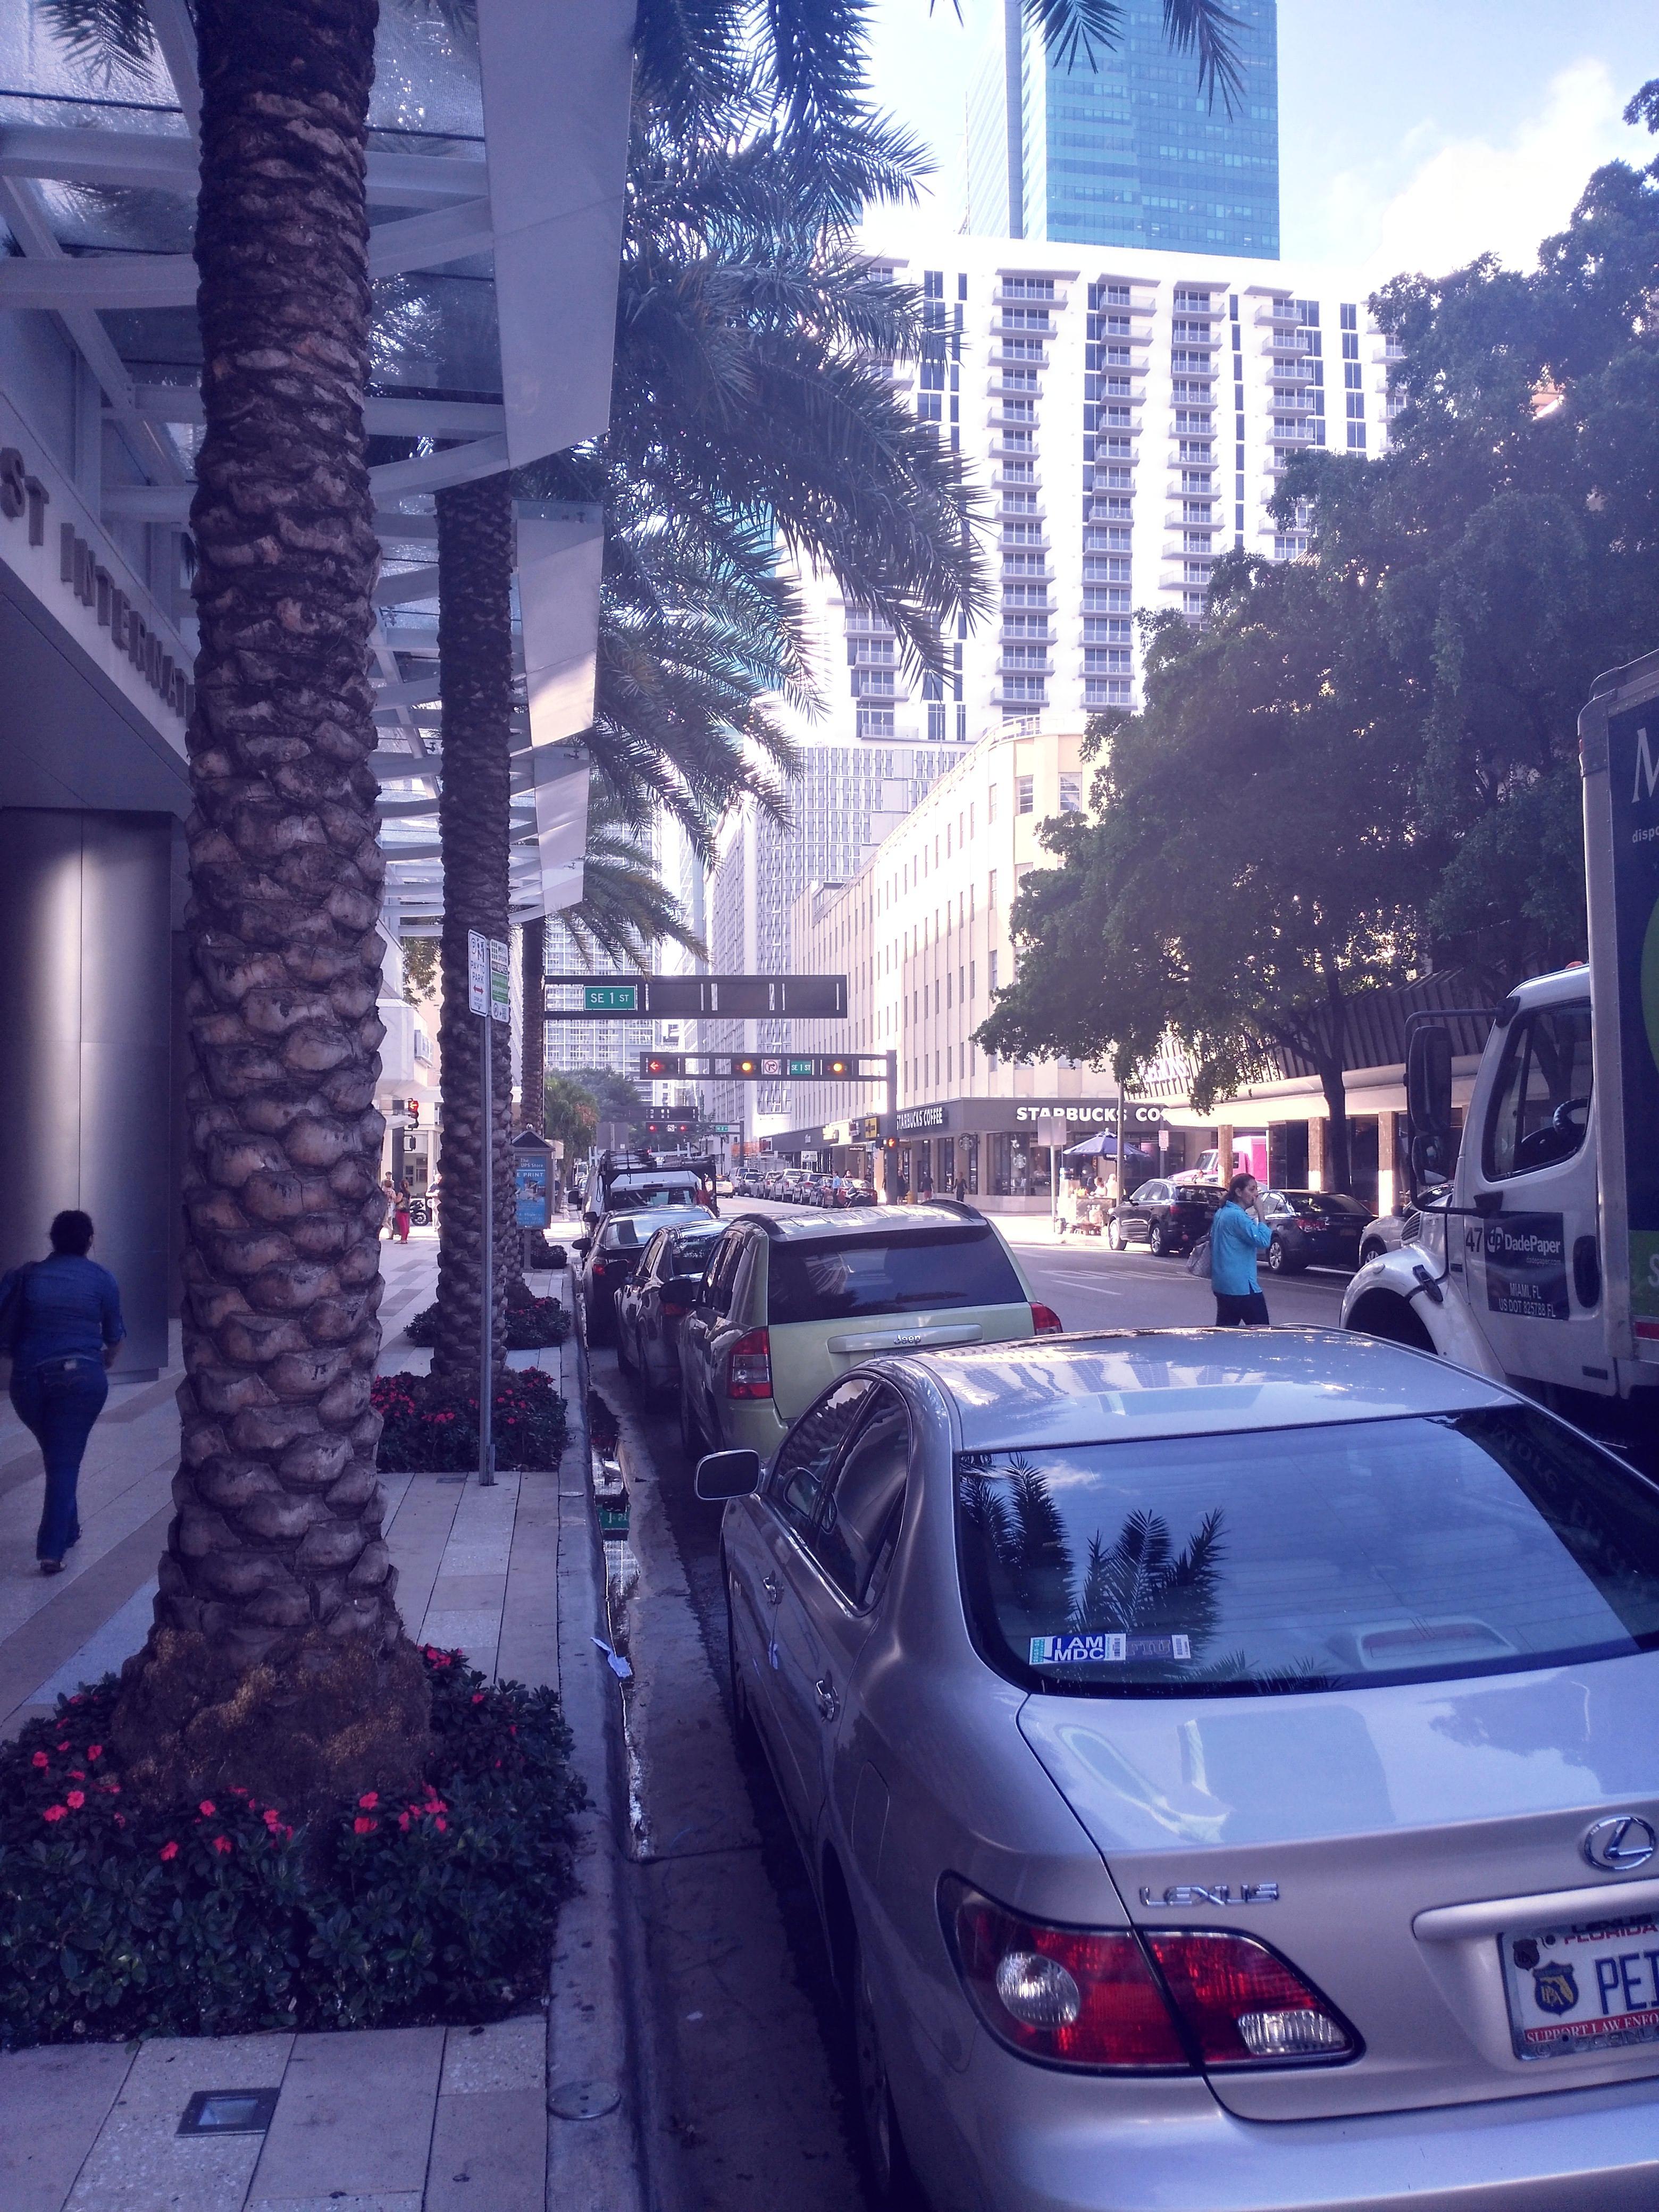 DownTown – Miami